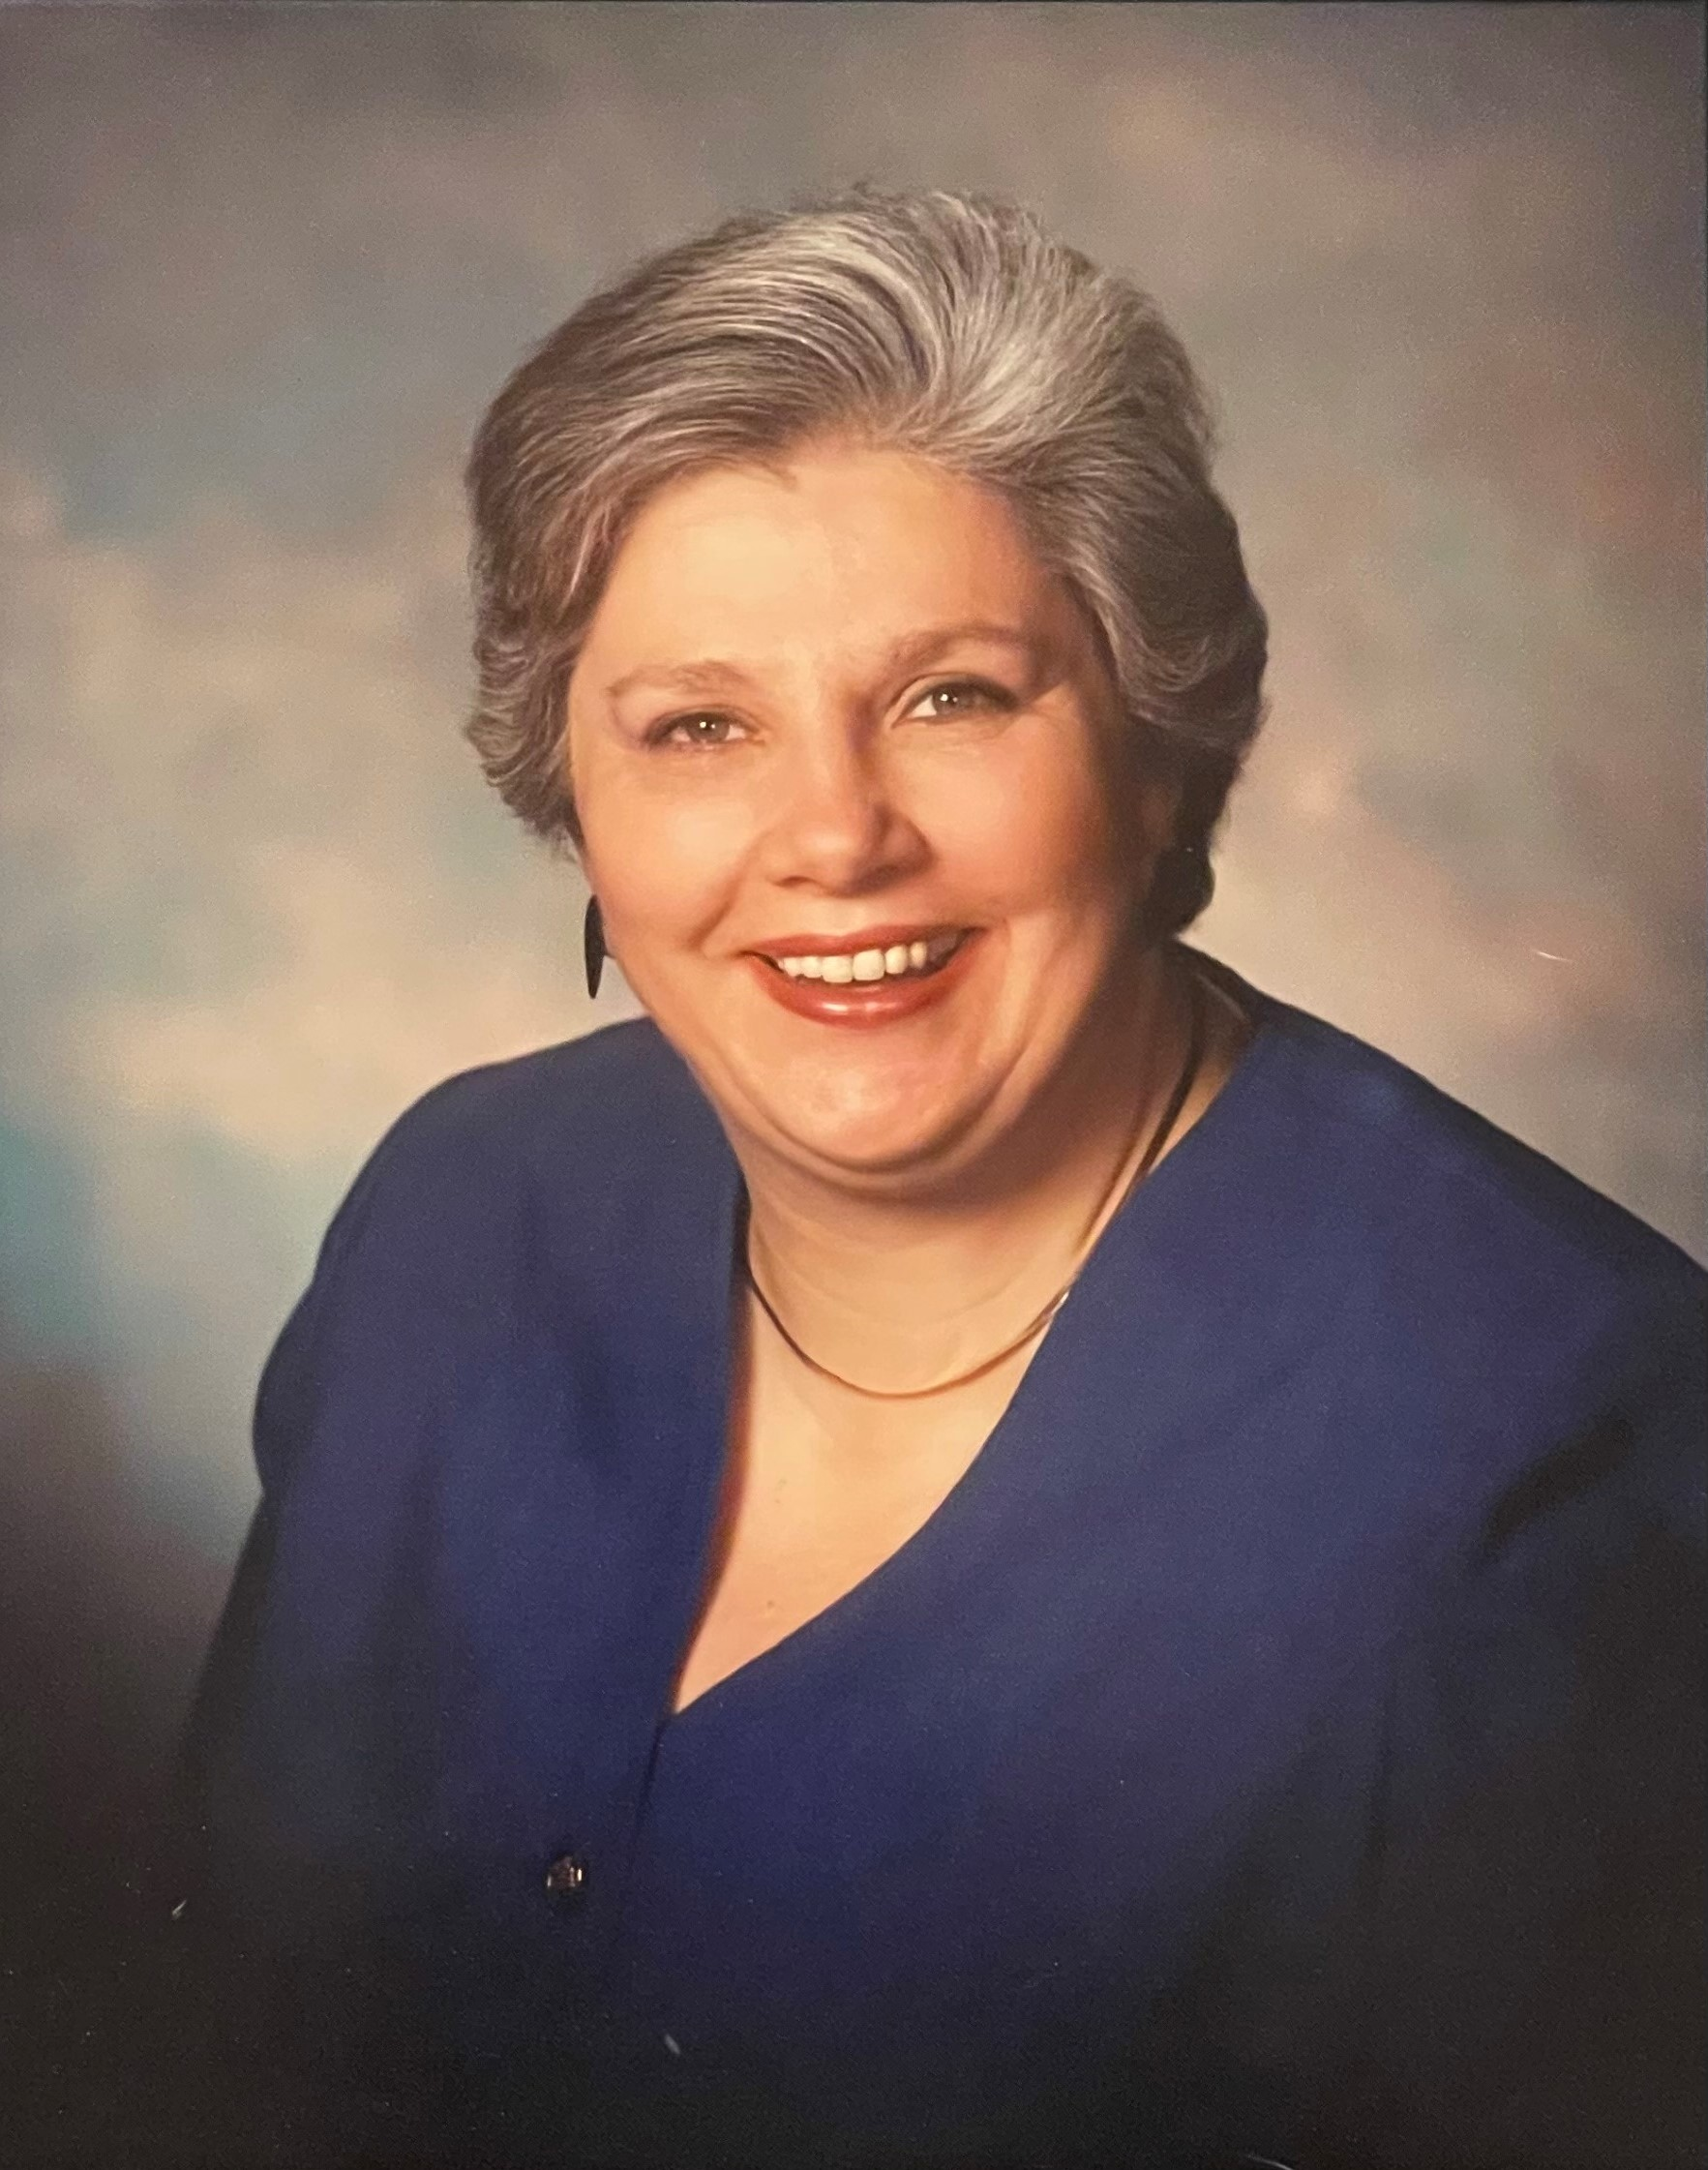 Glendine Barley Obit. photo stephs Try